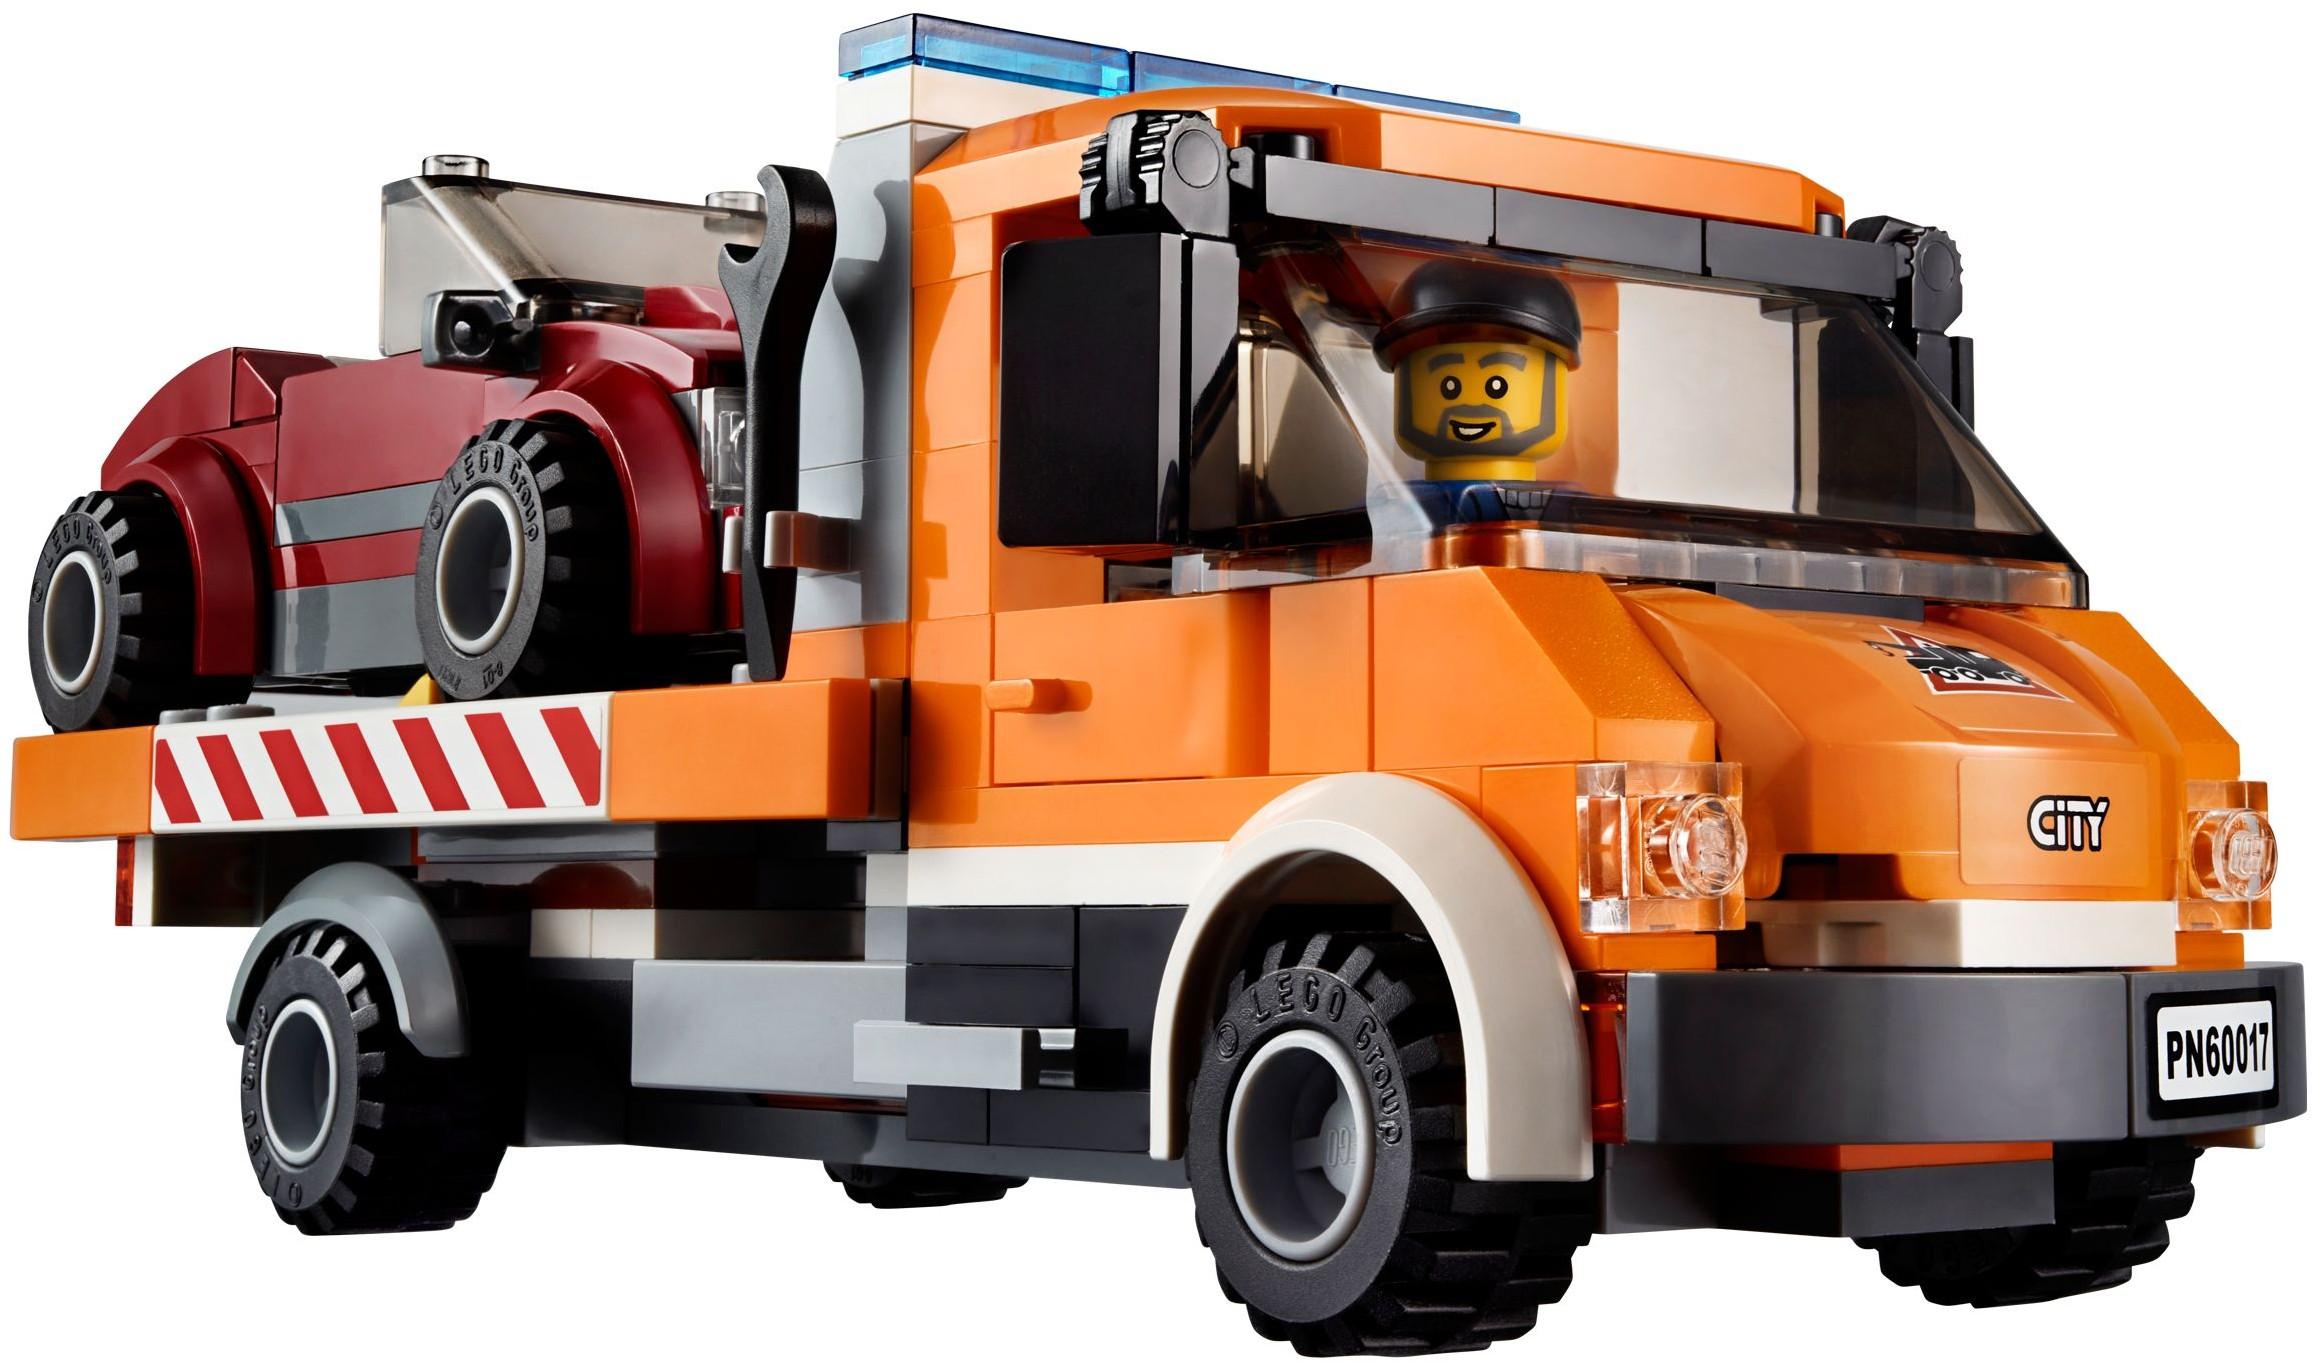 Lego city 60017 pas cher - Depanneuse cars ...